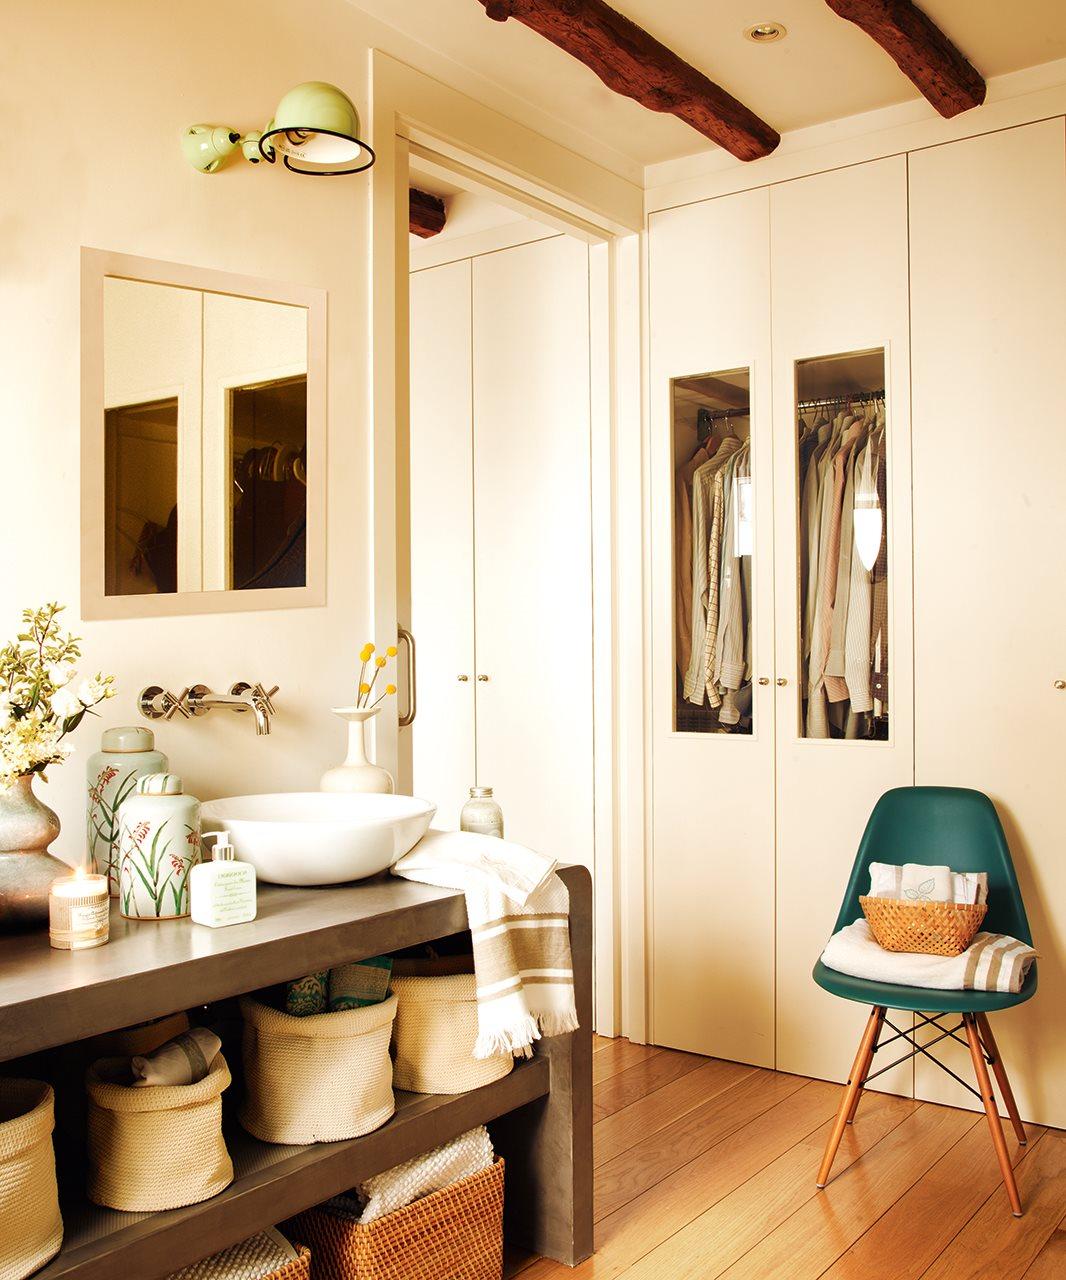 Baño Vestidor Medidas:Anterior 4 baños con duchas de muy buen ver En la buhardilla